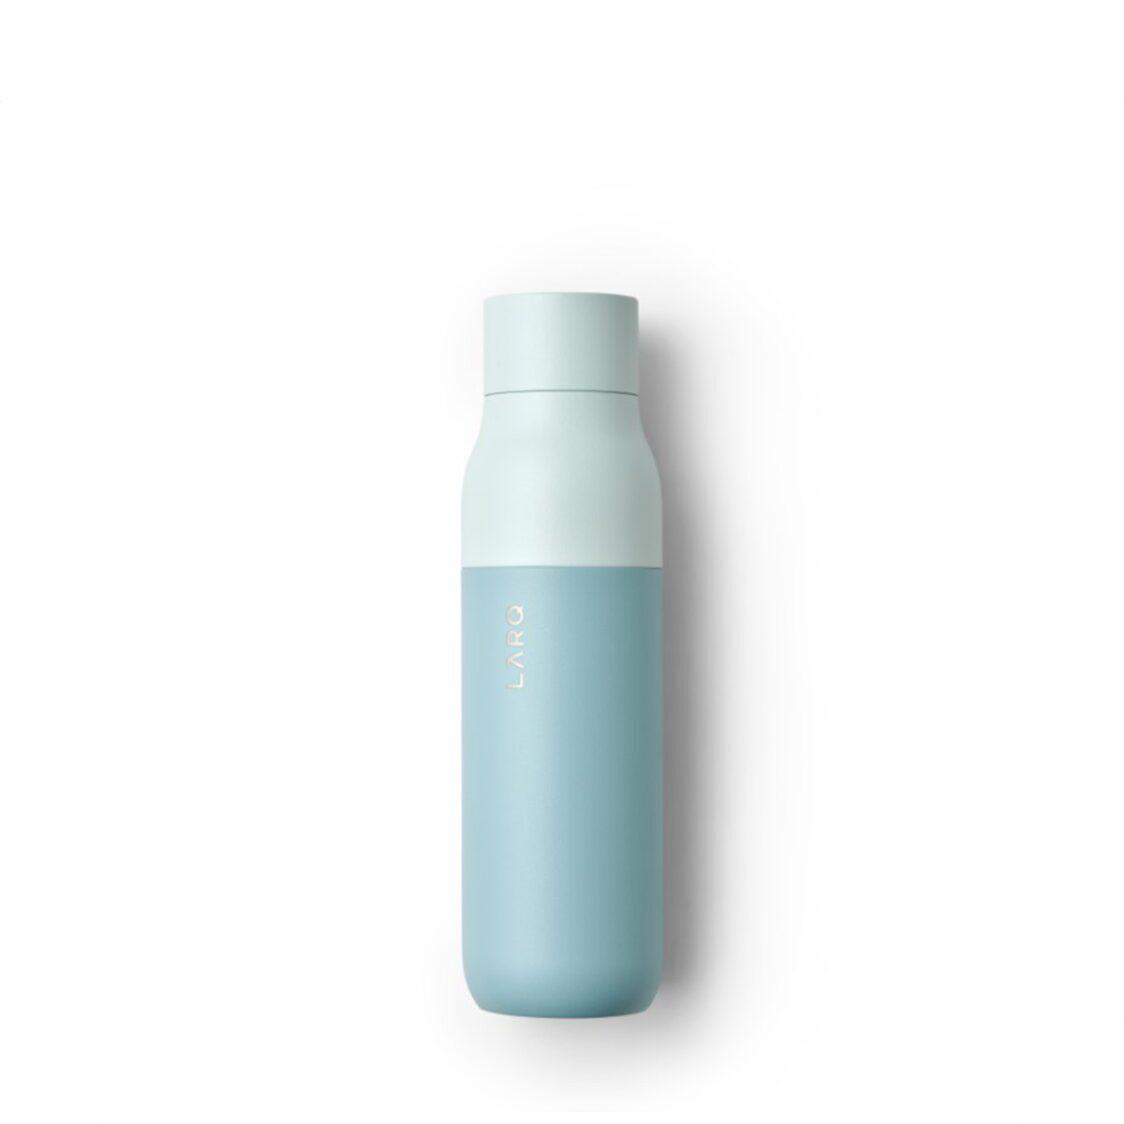 Larq Self-Cleaning Bottle 740ml Seaside Mint